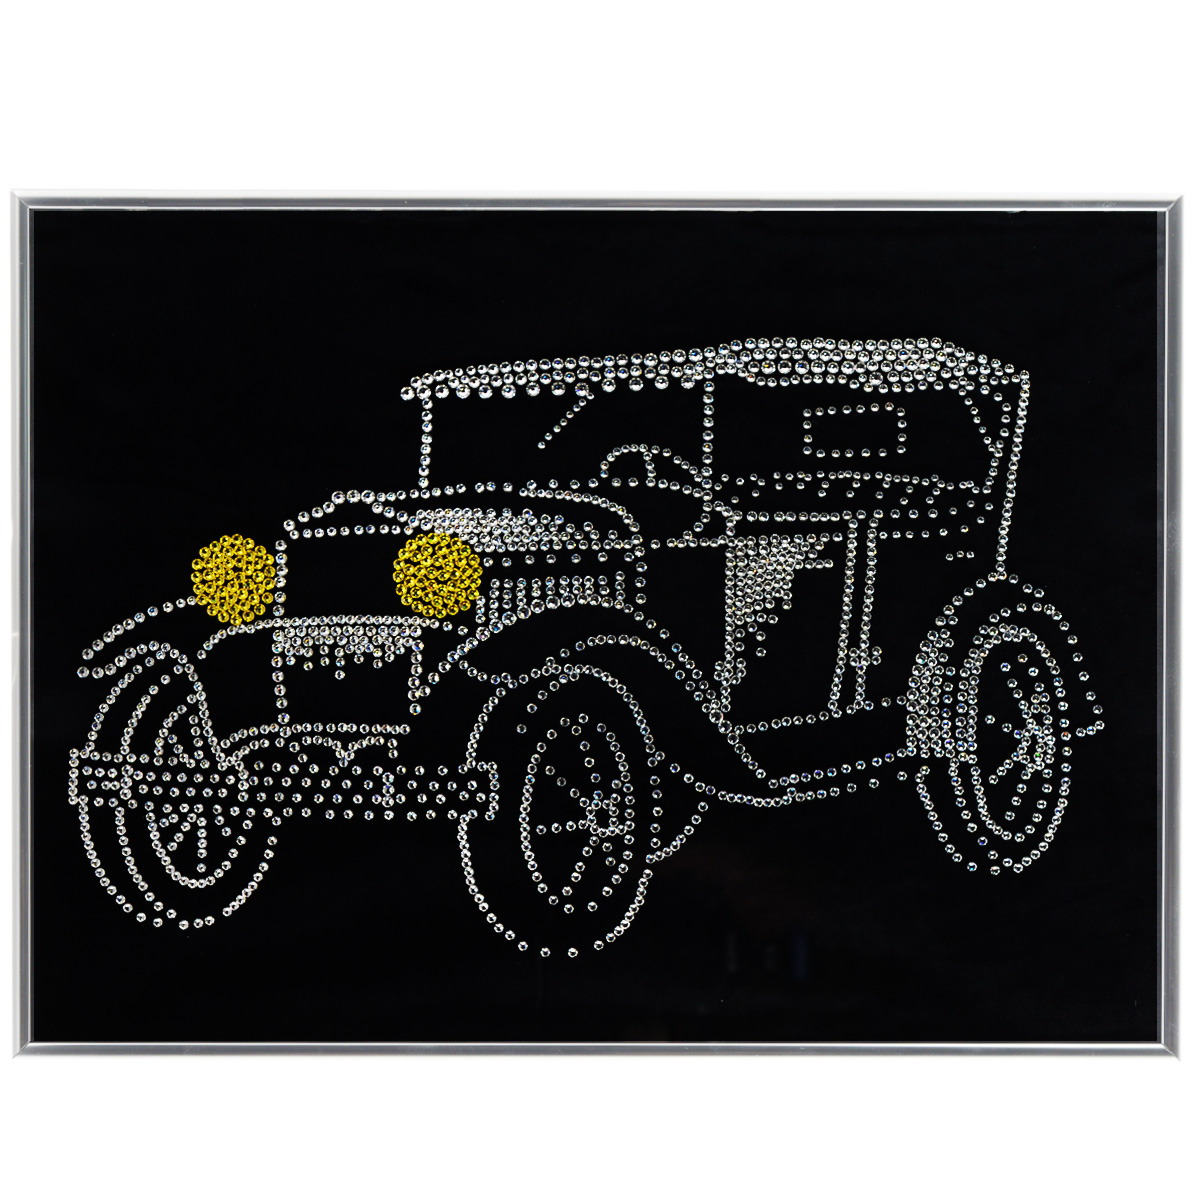 Картина с кристаллами Swarovski Ретроавтомобиль, 40 см х 30 см1732Изящная картина в металлической раме, инкрустирована кристаллами Swarovski в виде ретро автомобиля. Кристаллы Swarovski отличаются четкой и ровной огранкой, ярким блеском и чистотой цвета. Под стеклом картина оформлена бархатистой тканью, что прекрасно дополняет блеск кристаллов. С обратной стороны имеется металлическая проволока для размещения картины на стене. Картина с кристаллами Swarovski Ретроавтомобиль элегантно украсит интерьер дома или офиса, а также станет прекрасным подарком, который обязательно понравится получателю. Блеск кристаллов в интерьере, что может быть сказочнее и удивительнее. Картина упакована в подарочную картонную коробку синего цвета и комплектуется сертификатом соответствия Swarovski.